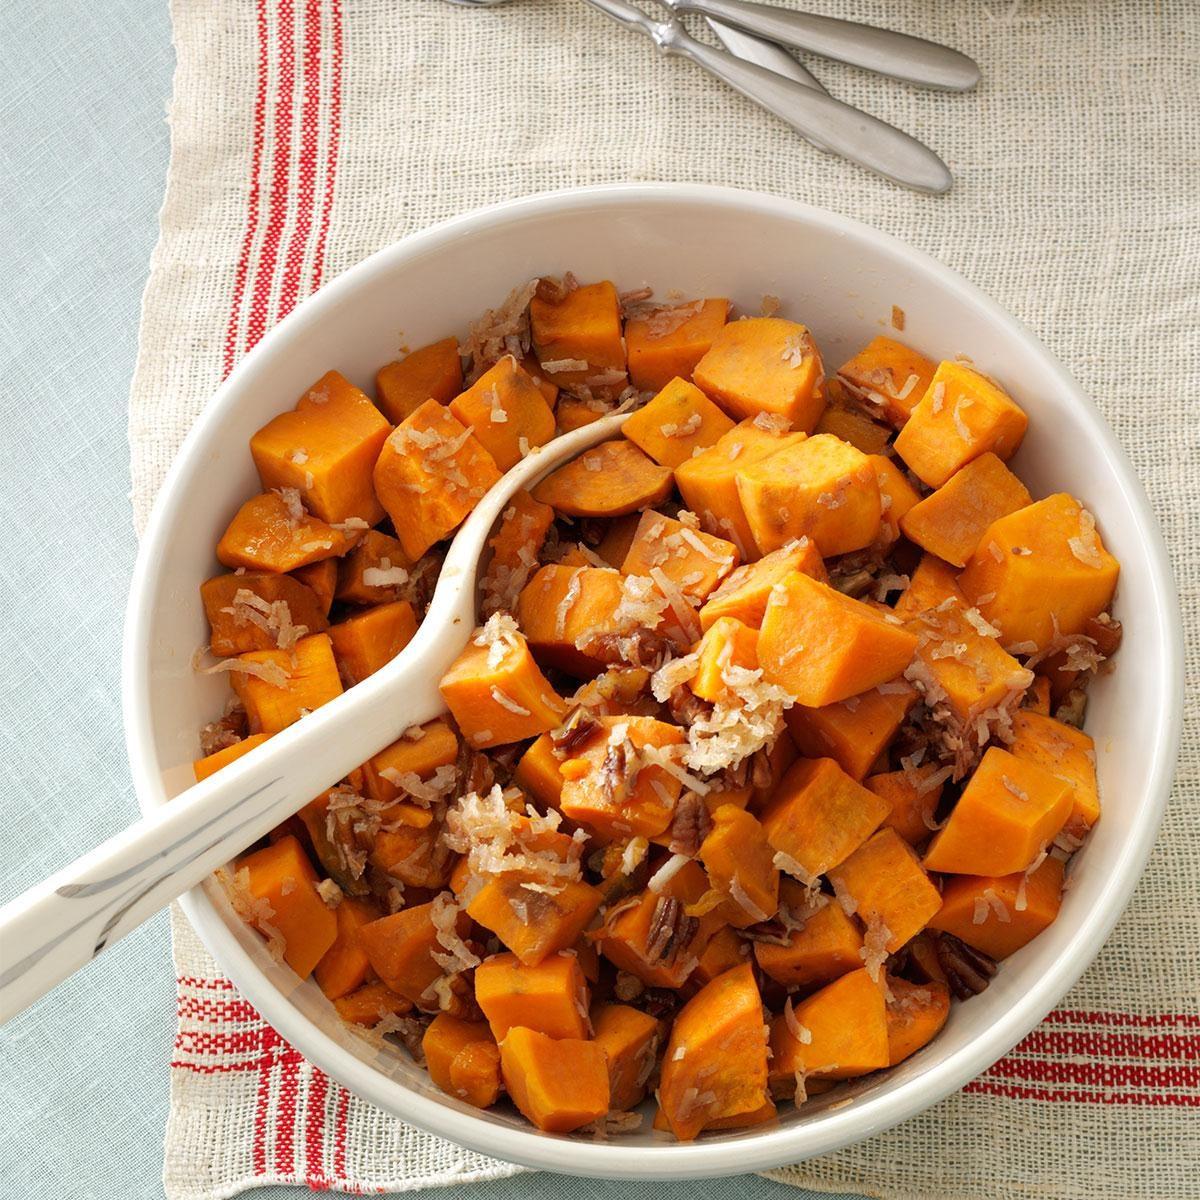 Coconut-Pecan Sweet Potatoes